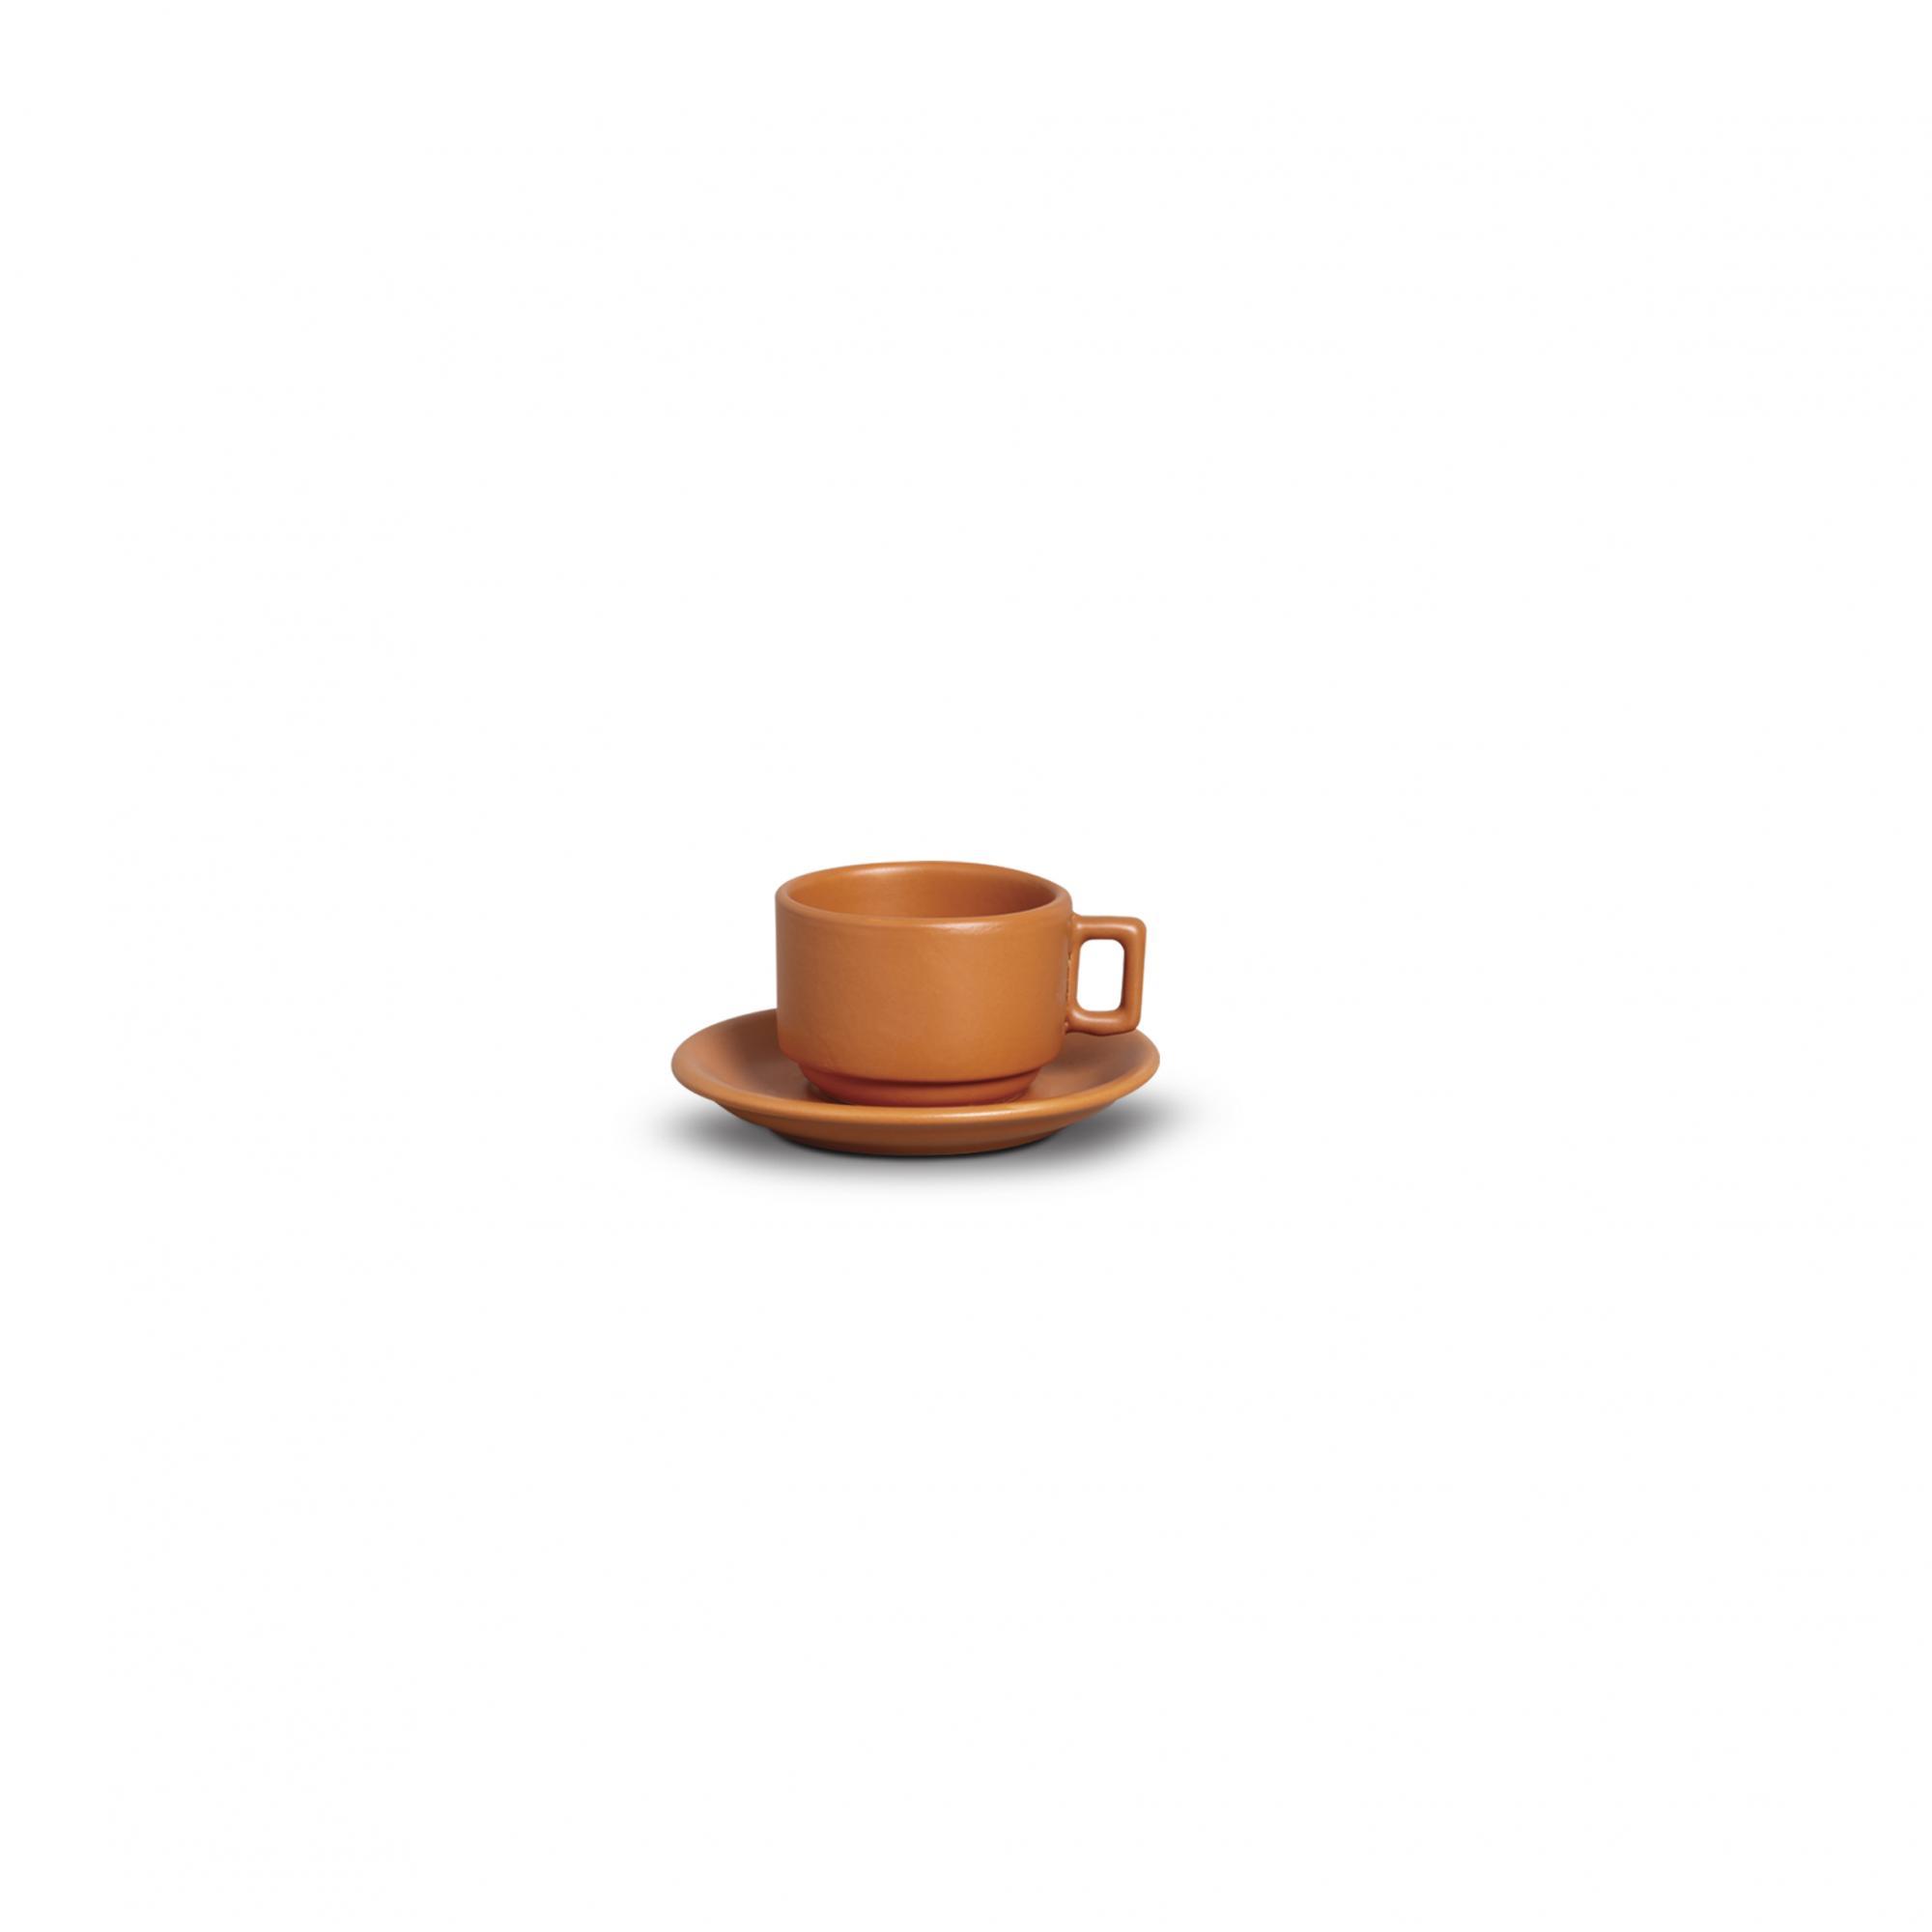 XICARA CAFÉ C/ PIRES  100ml - TIJOLO FOSCO